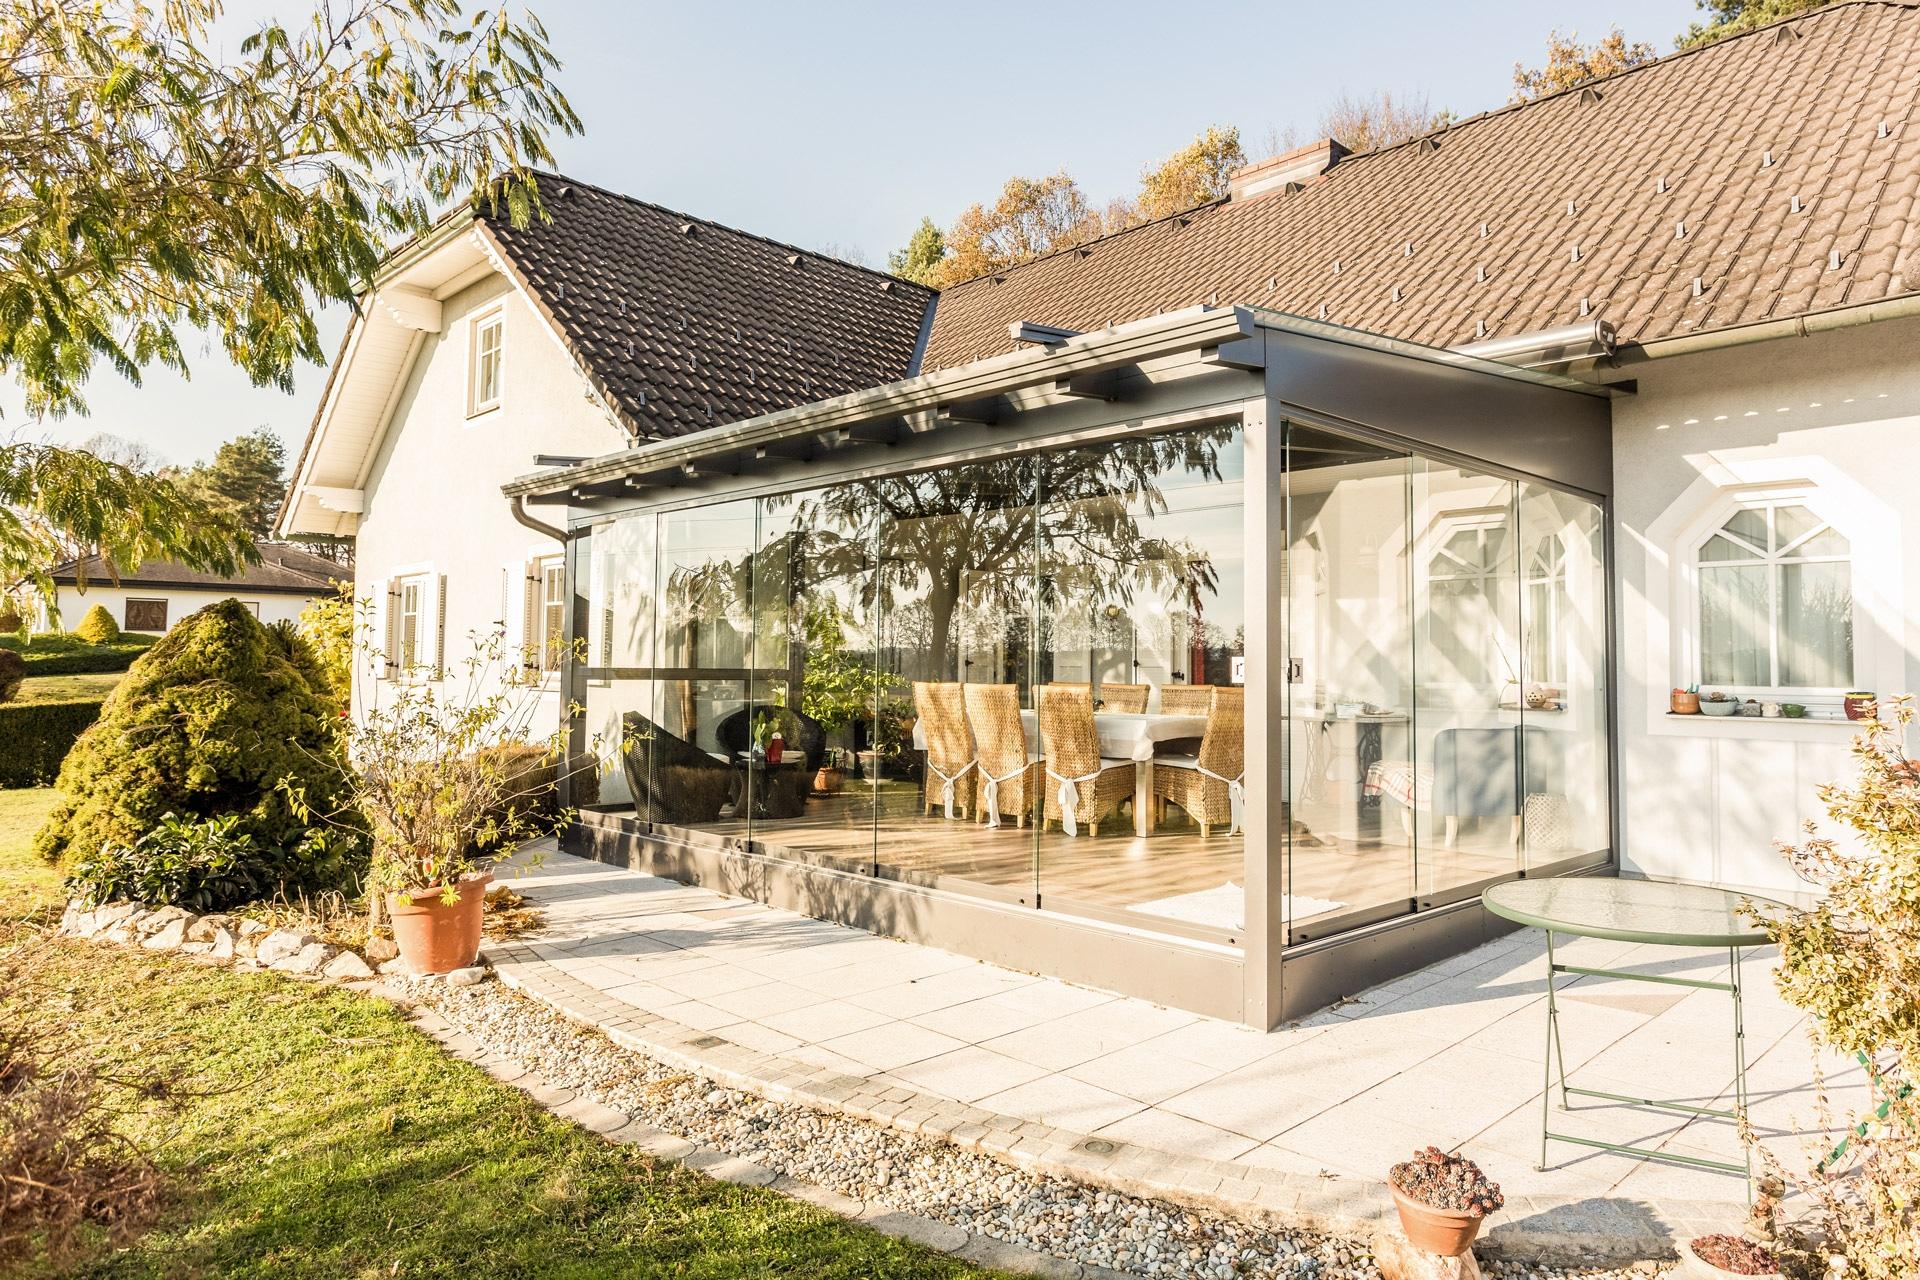 Schiebe 03 e | Schiebeverglasung bei grauer Alu-Terrassenüberdachung | Svoboda Metalltechnik